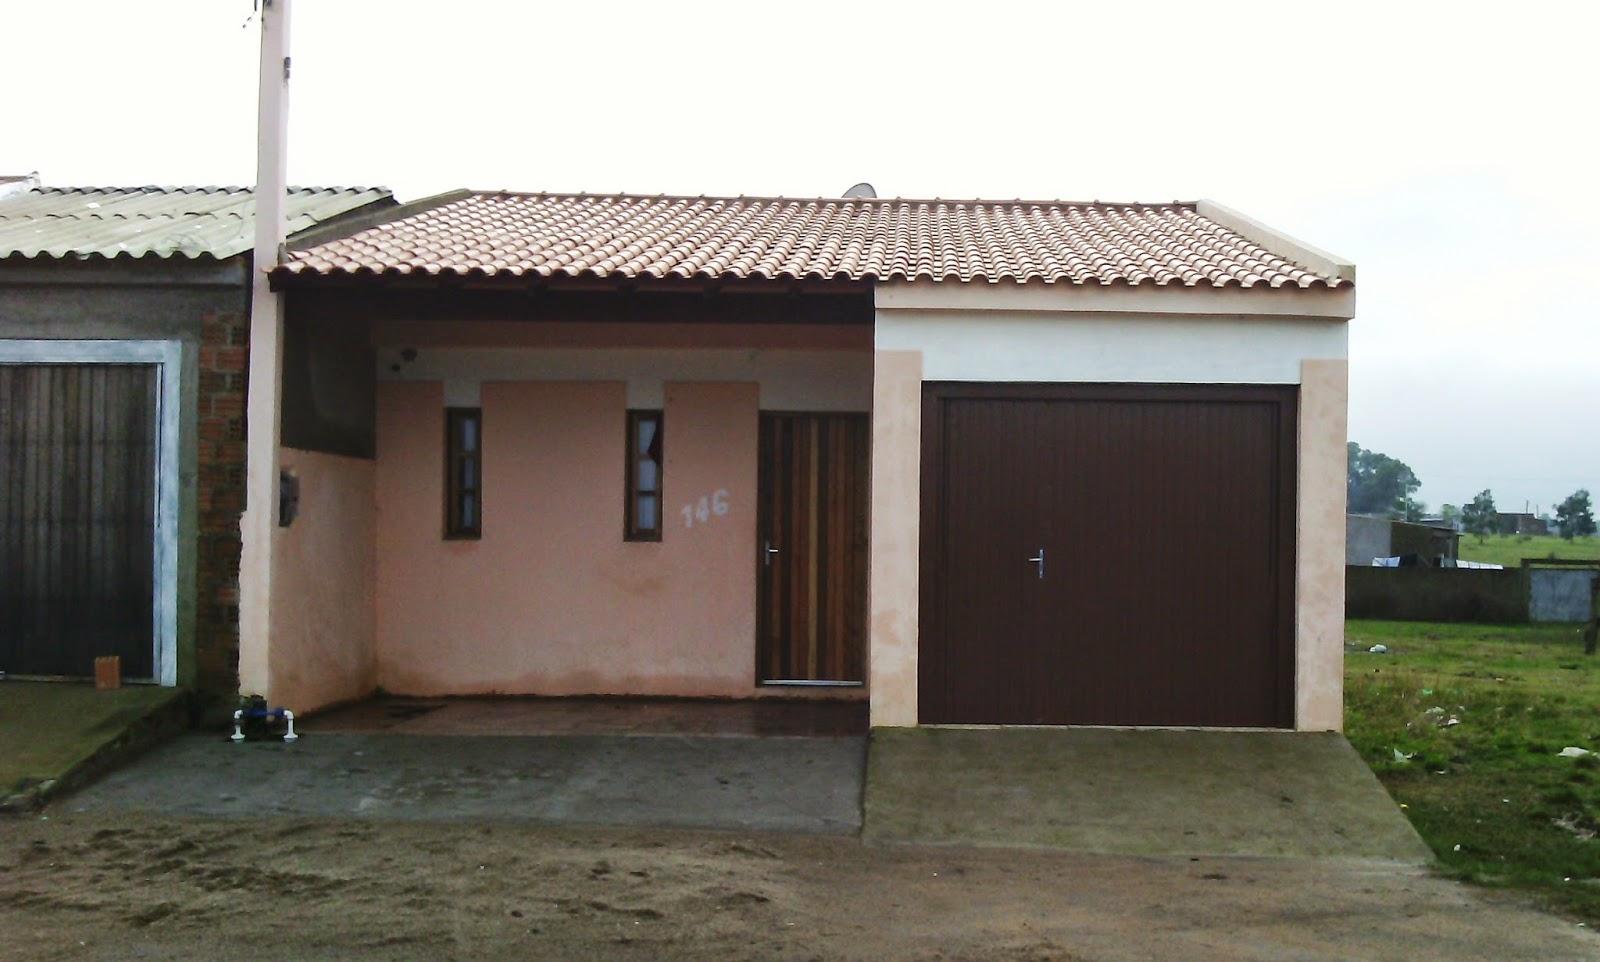 #4D5B37 sábado 5 de julho de 2014 1600x962 px Projetos De Casas Com Cozinha Nos Fundos #187 imagens